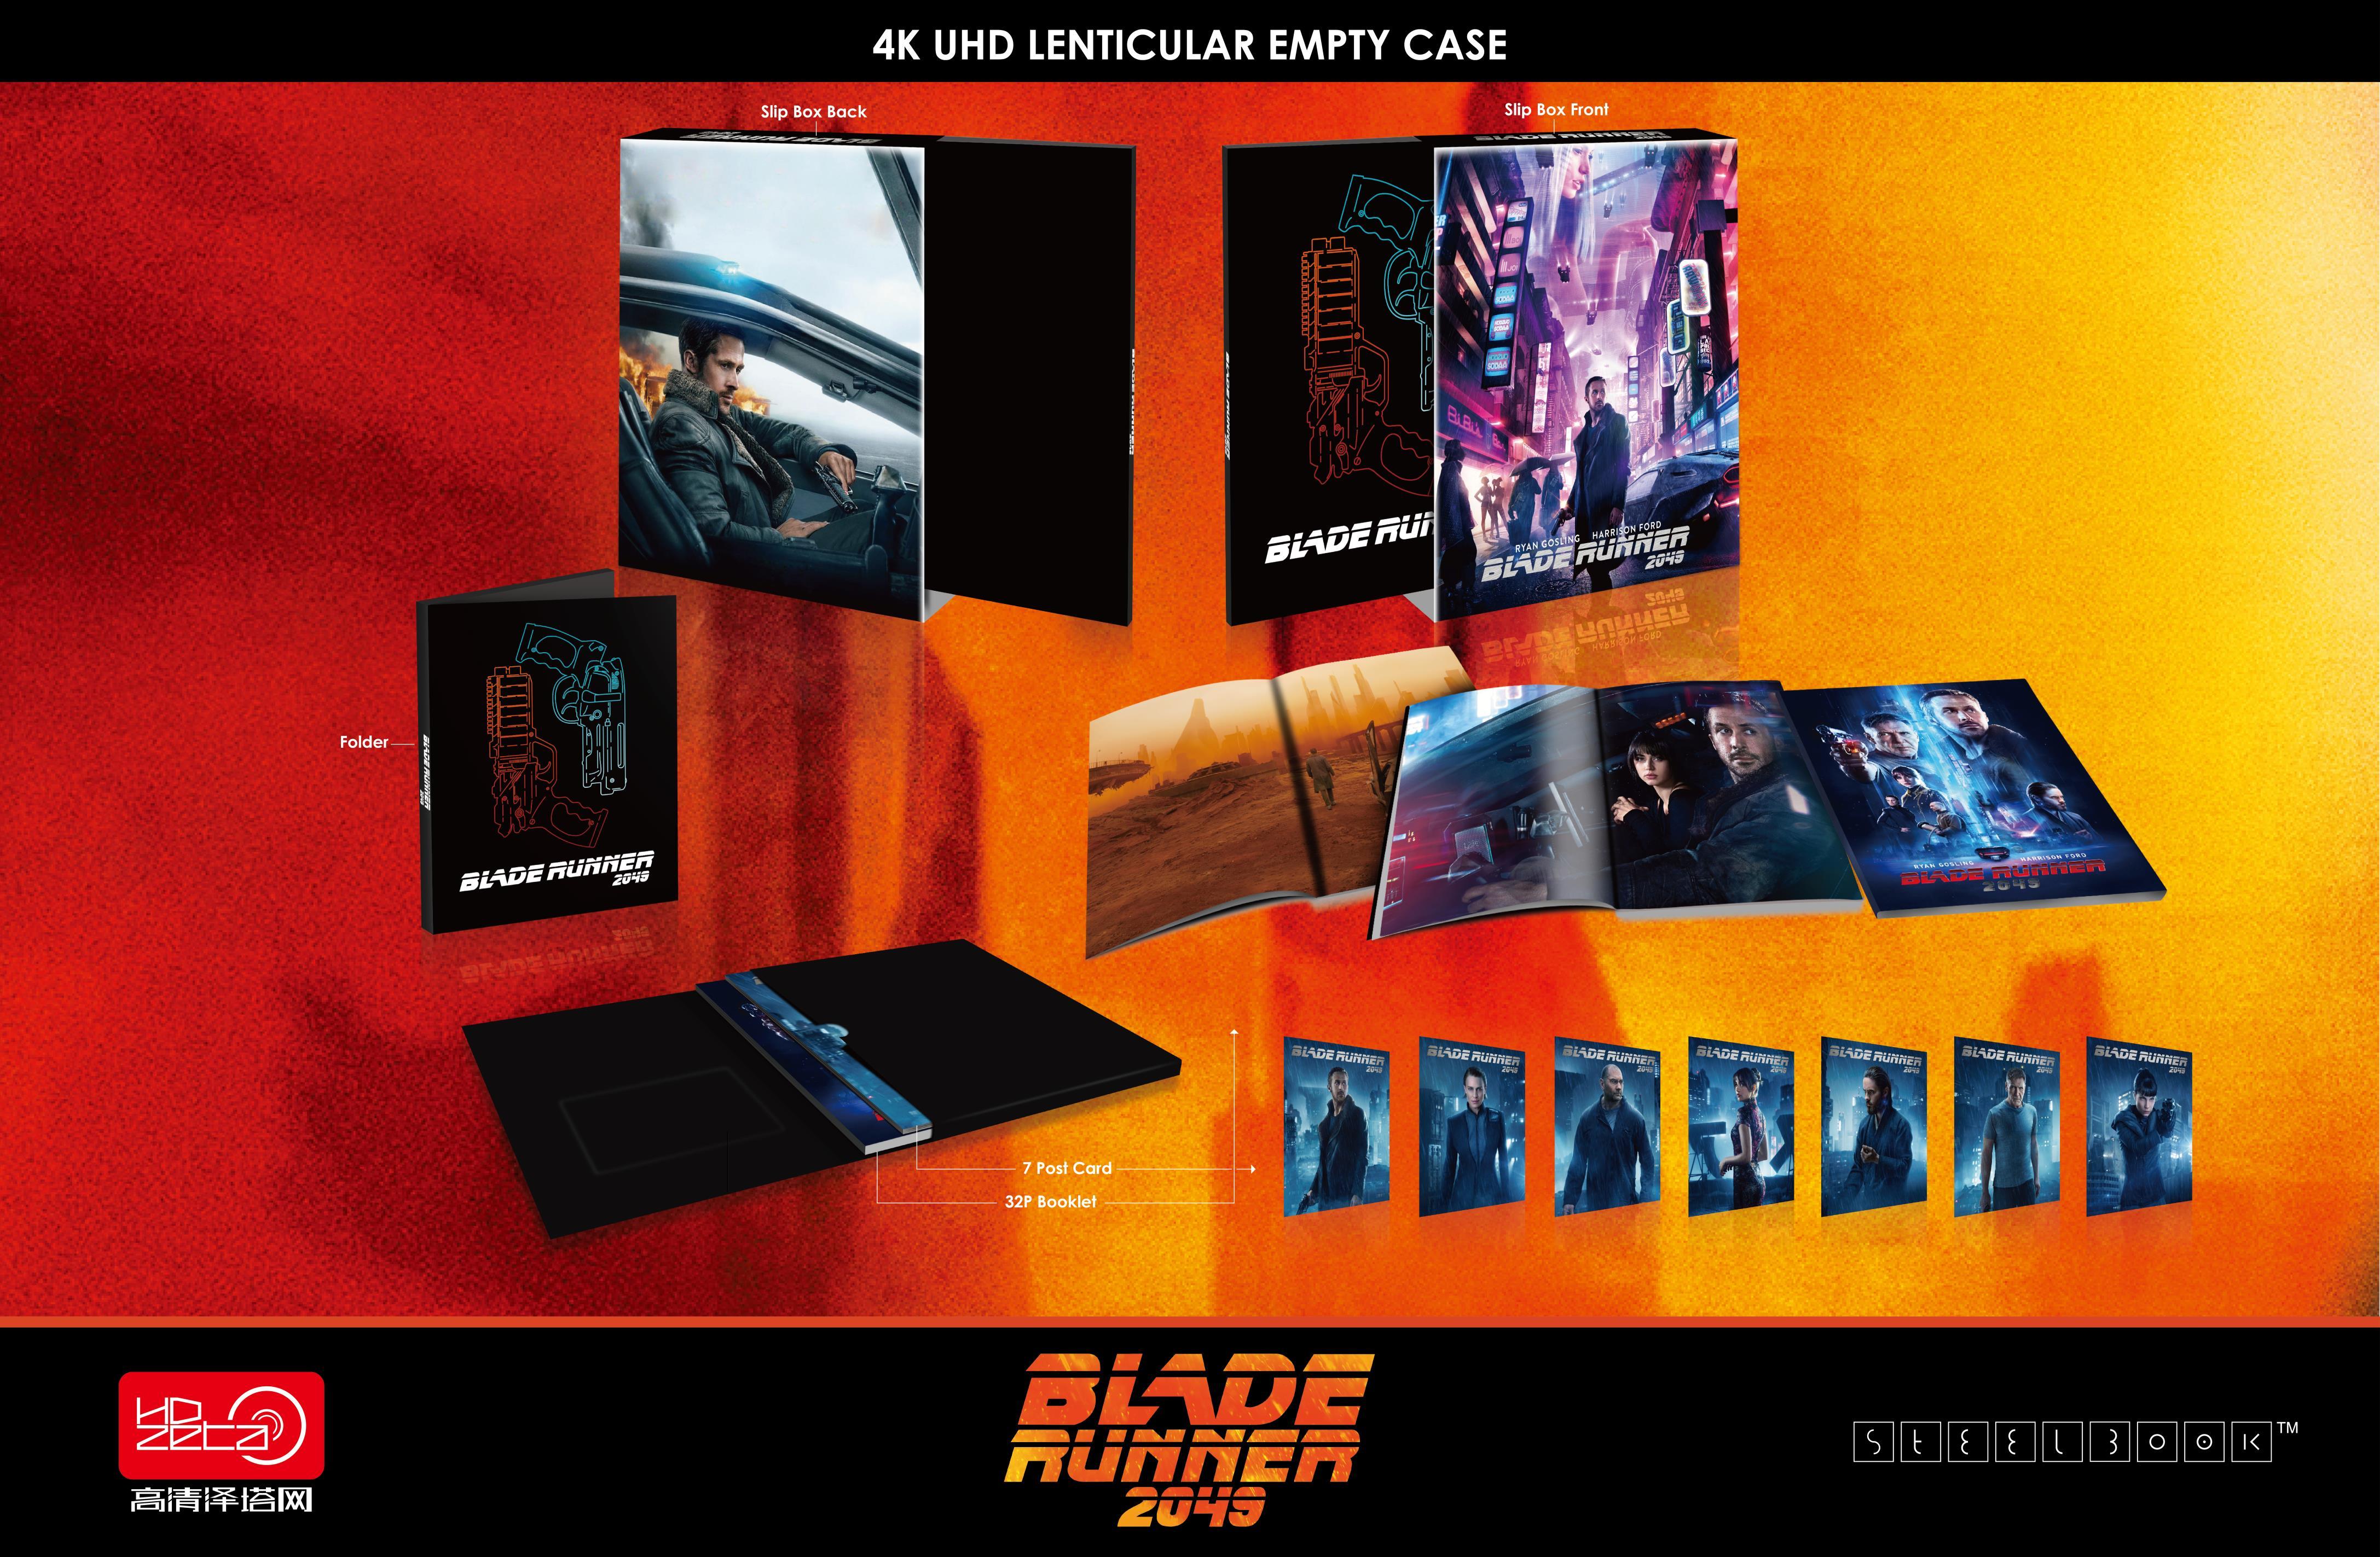 ブレードランナー2049 スチールブック Blade Runner 2049 HDZeta steelbook